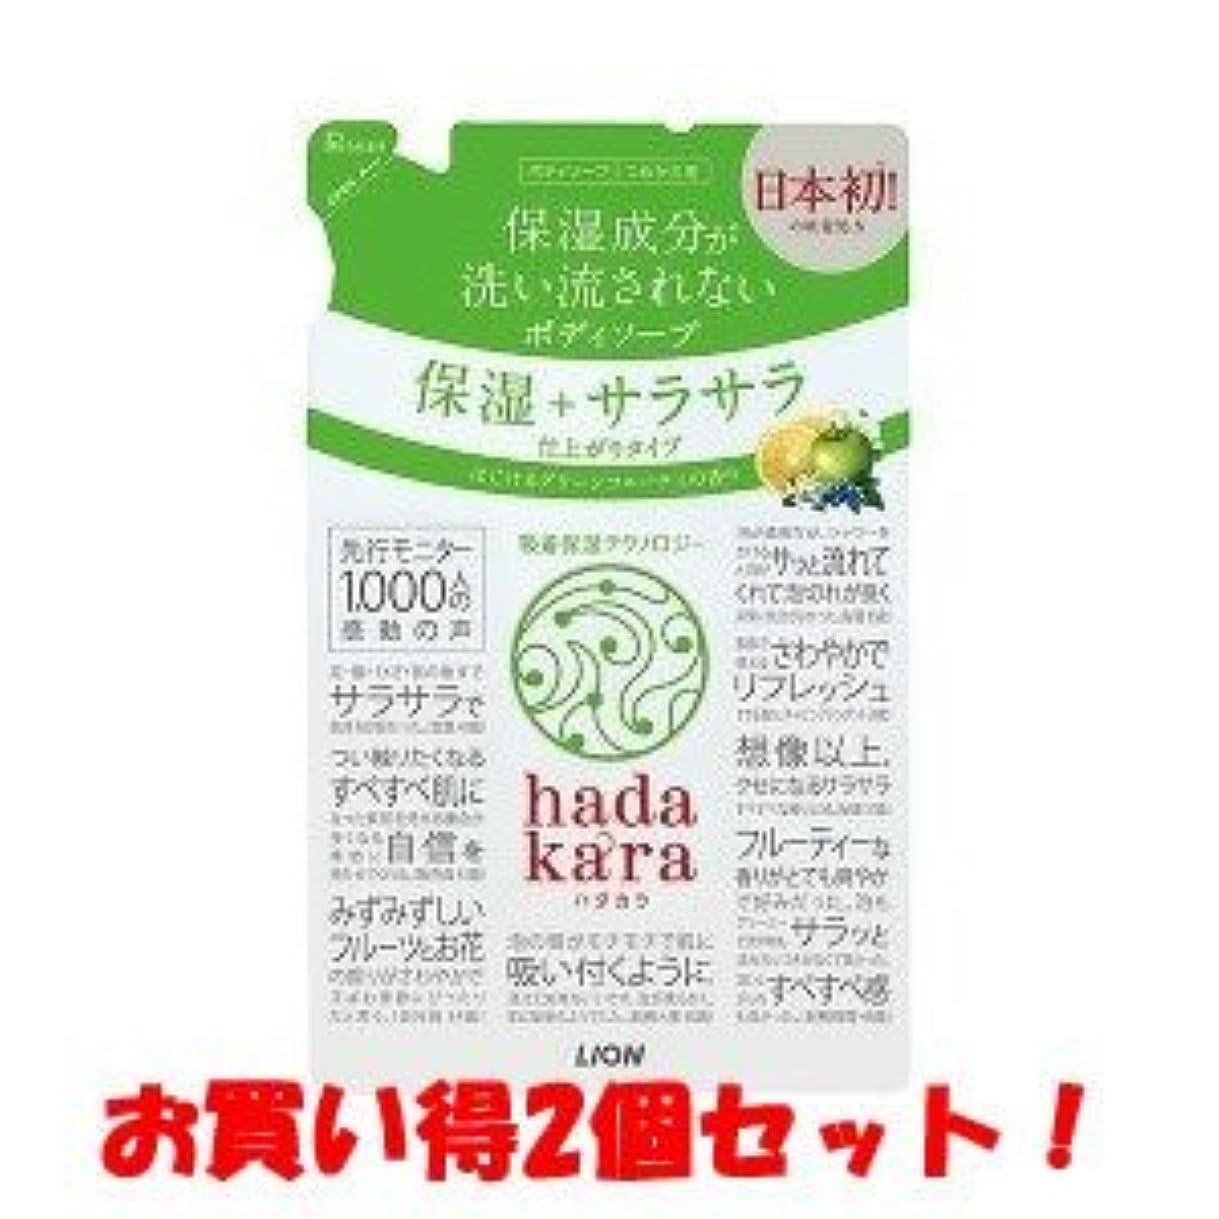 ブルジョンフローティング苦しむ(2017年新商品)(ライオン)hadakara(ハダカラ) ボディソープ 保湿+サラサラ仕上がりタイプ グリーンフルーティの香り つめかえ用 340ml(お買い得2個セット)